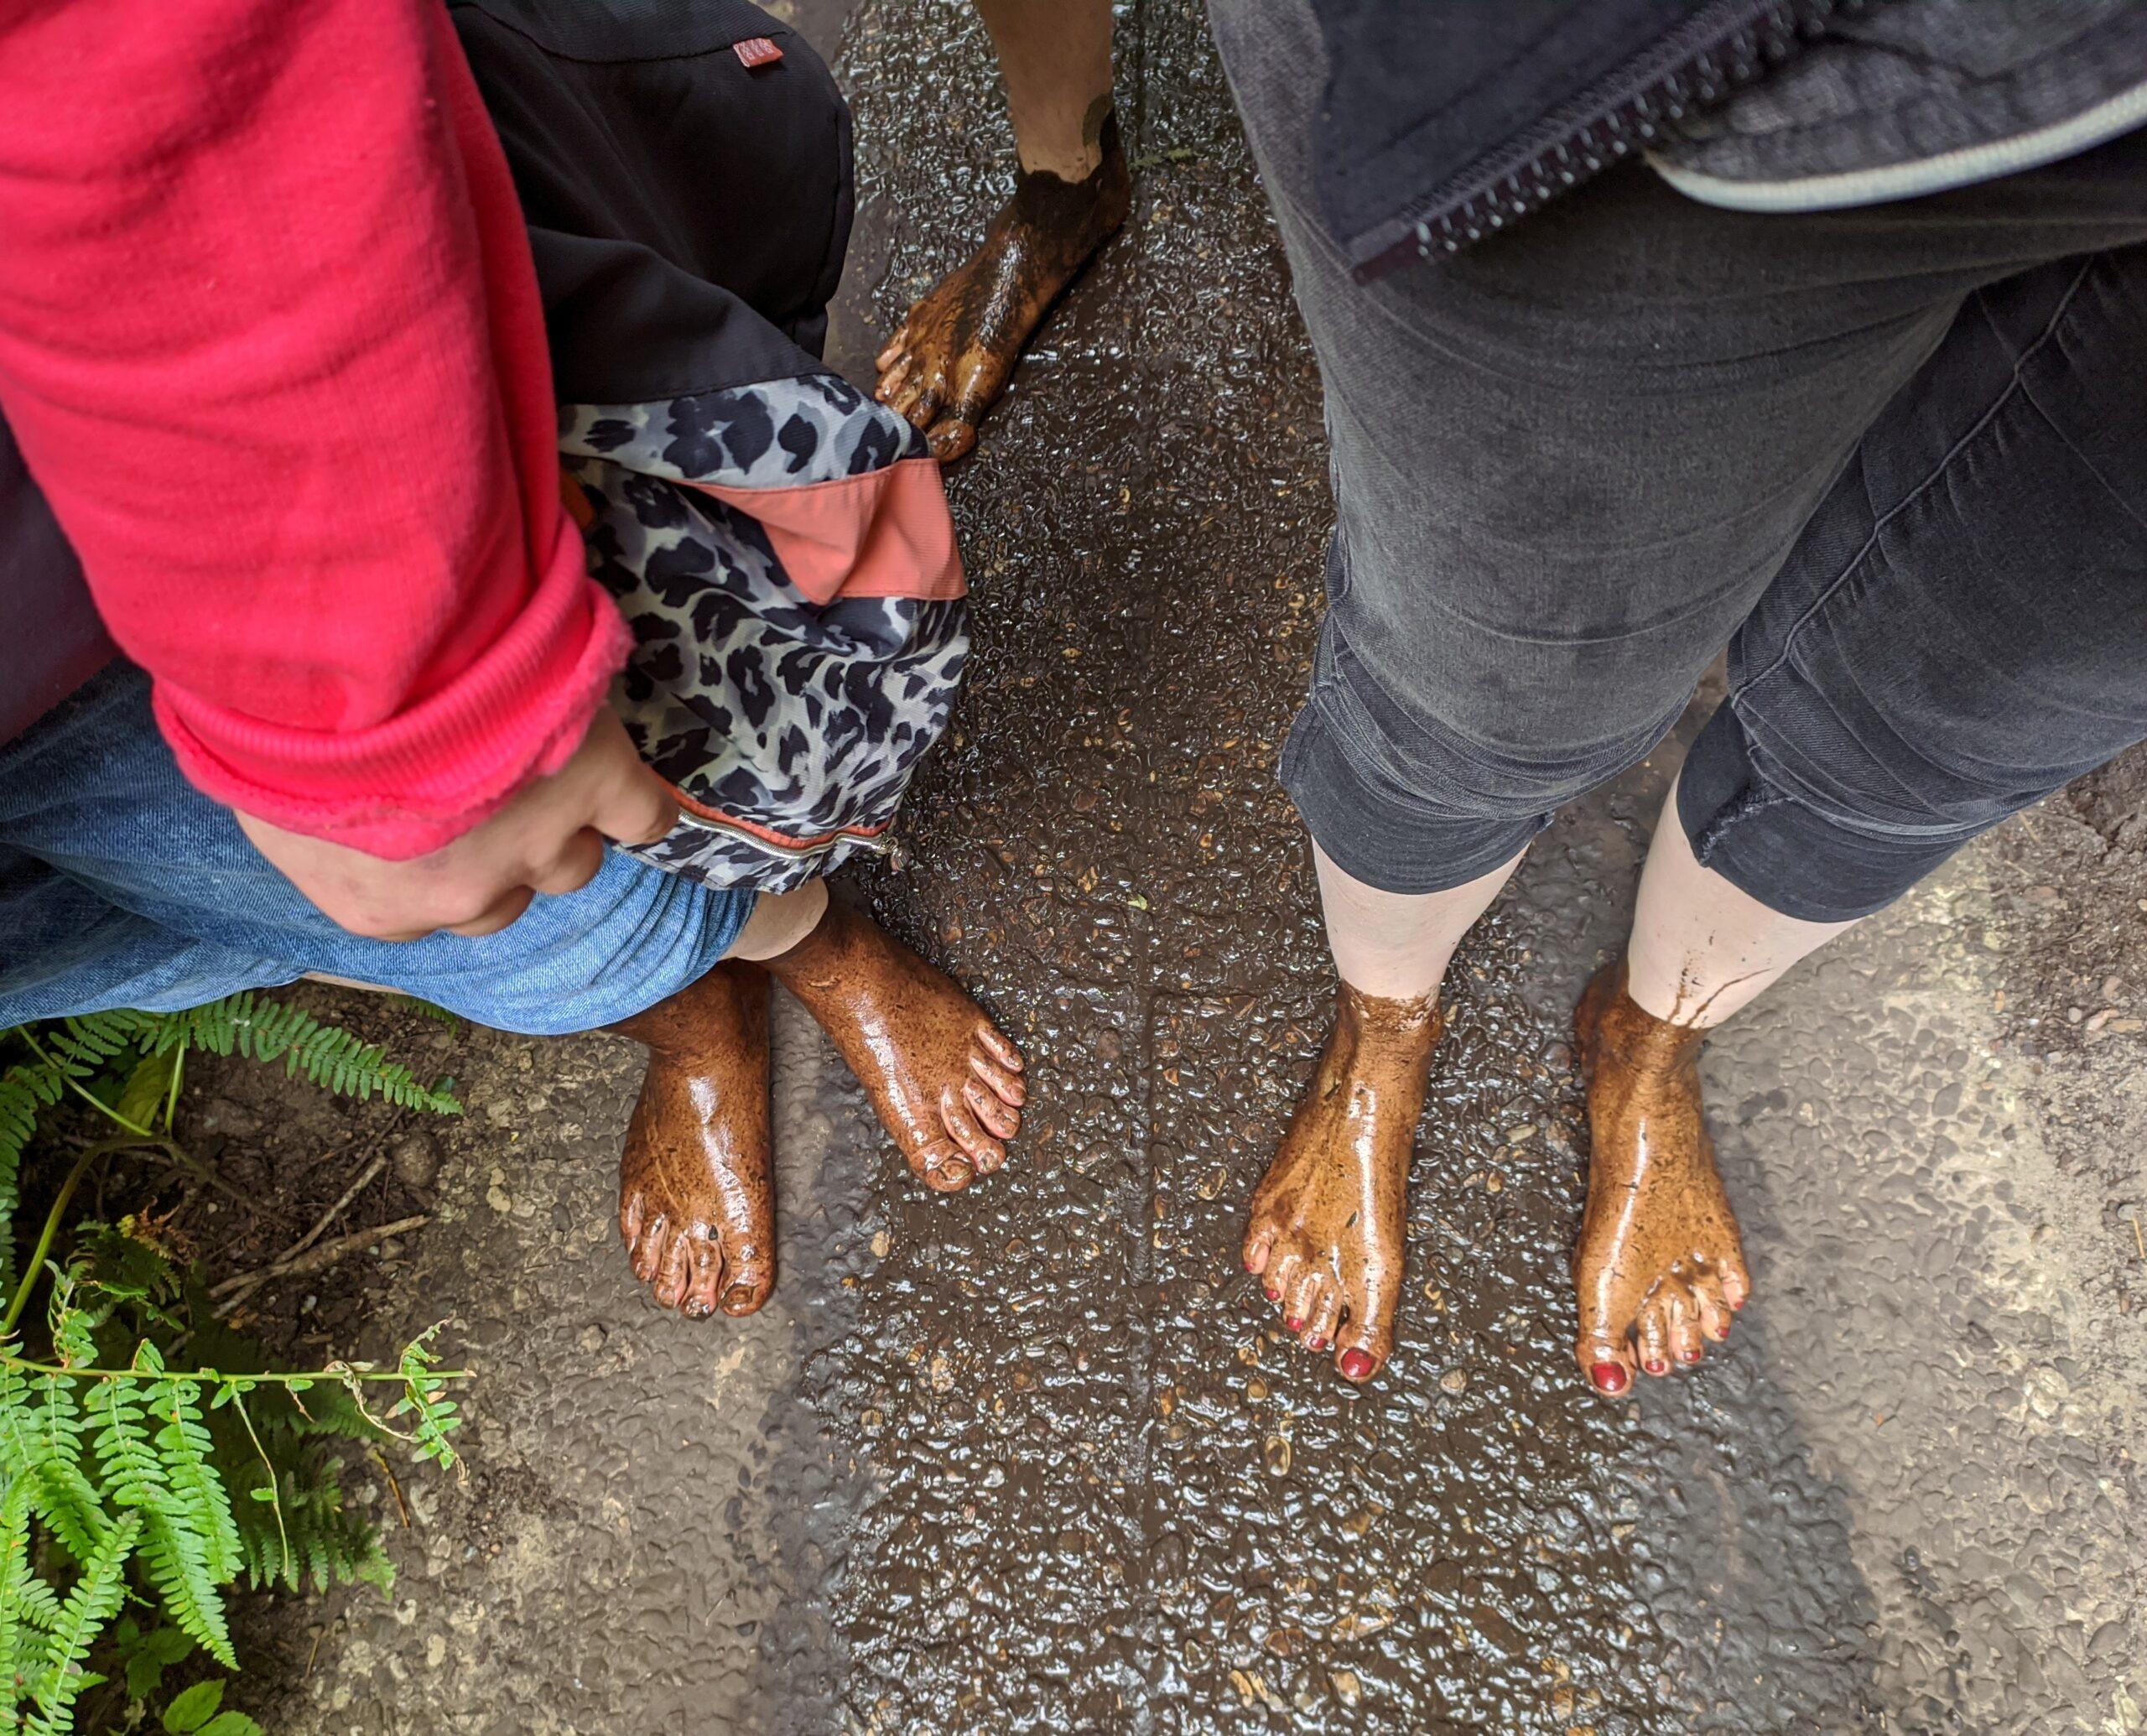 Nackte Füße mit Schlamm bedeckt